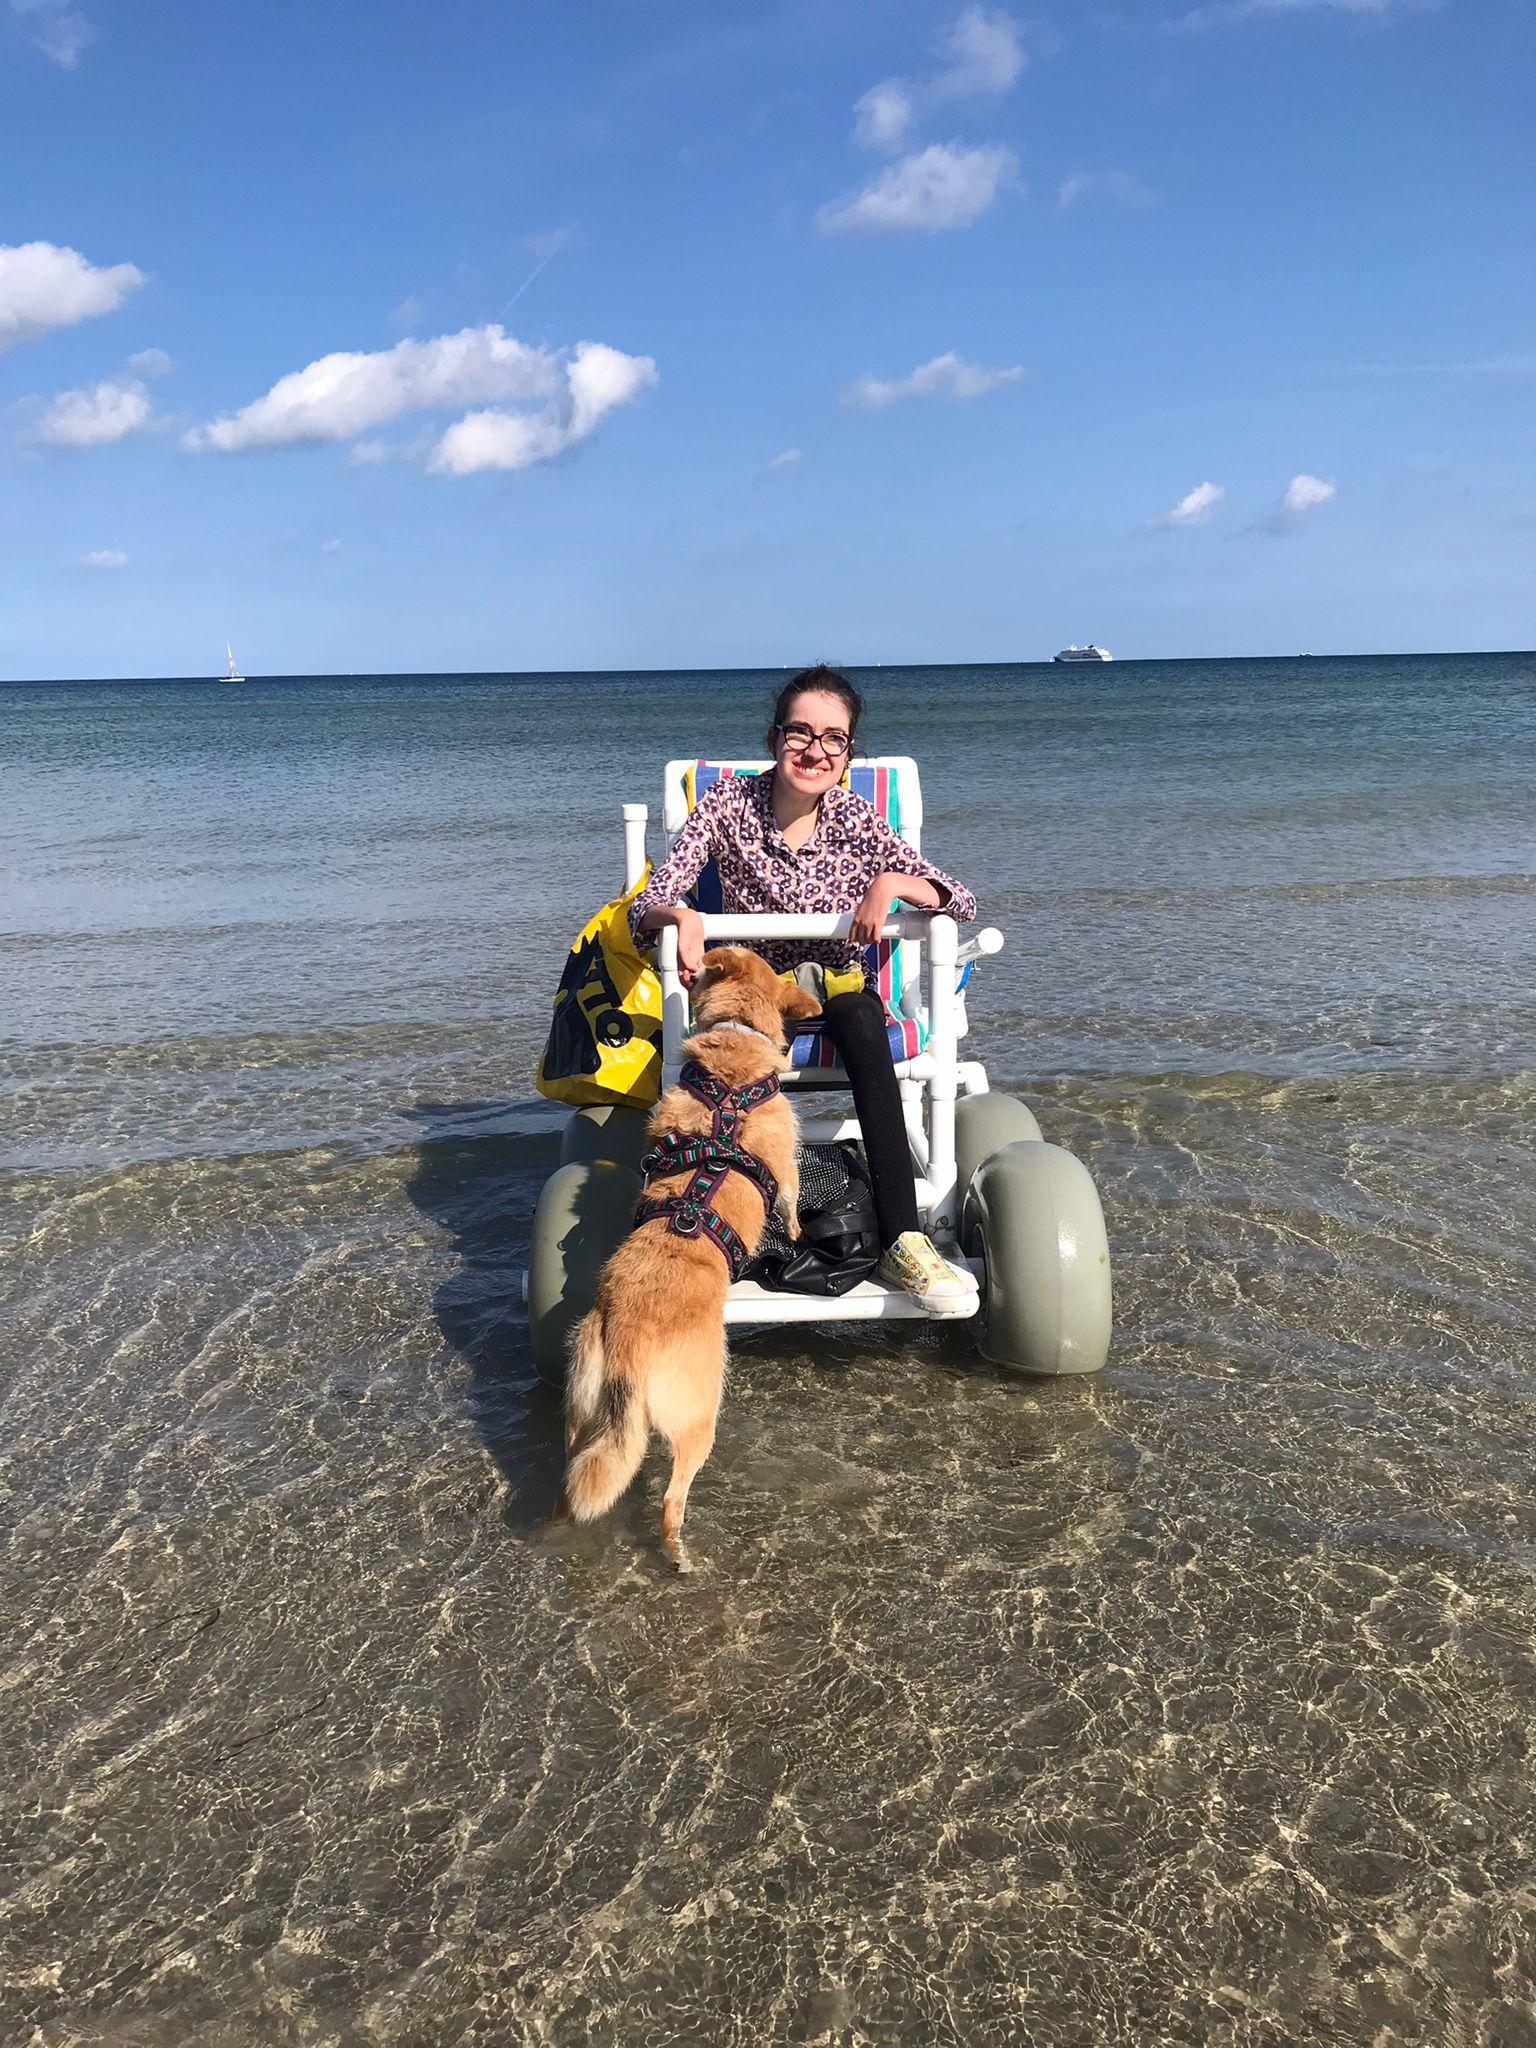 Laura ist mit dem Strandrollstuhl im Wasser. Ein Hund steht mit dem Rücken zur Kamera und steht mit den Vorderfüßen auf dem Fußtritt des Rollstuhls um weniger Wasser zu sein.